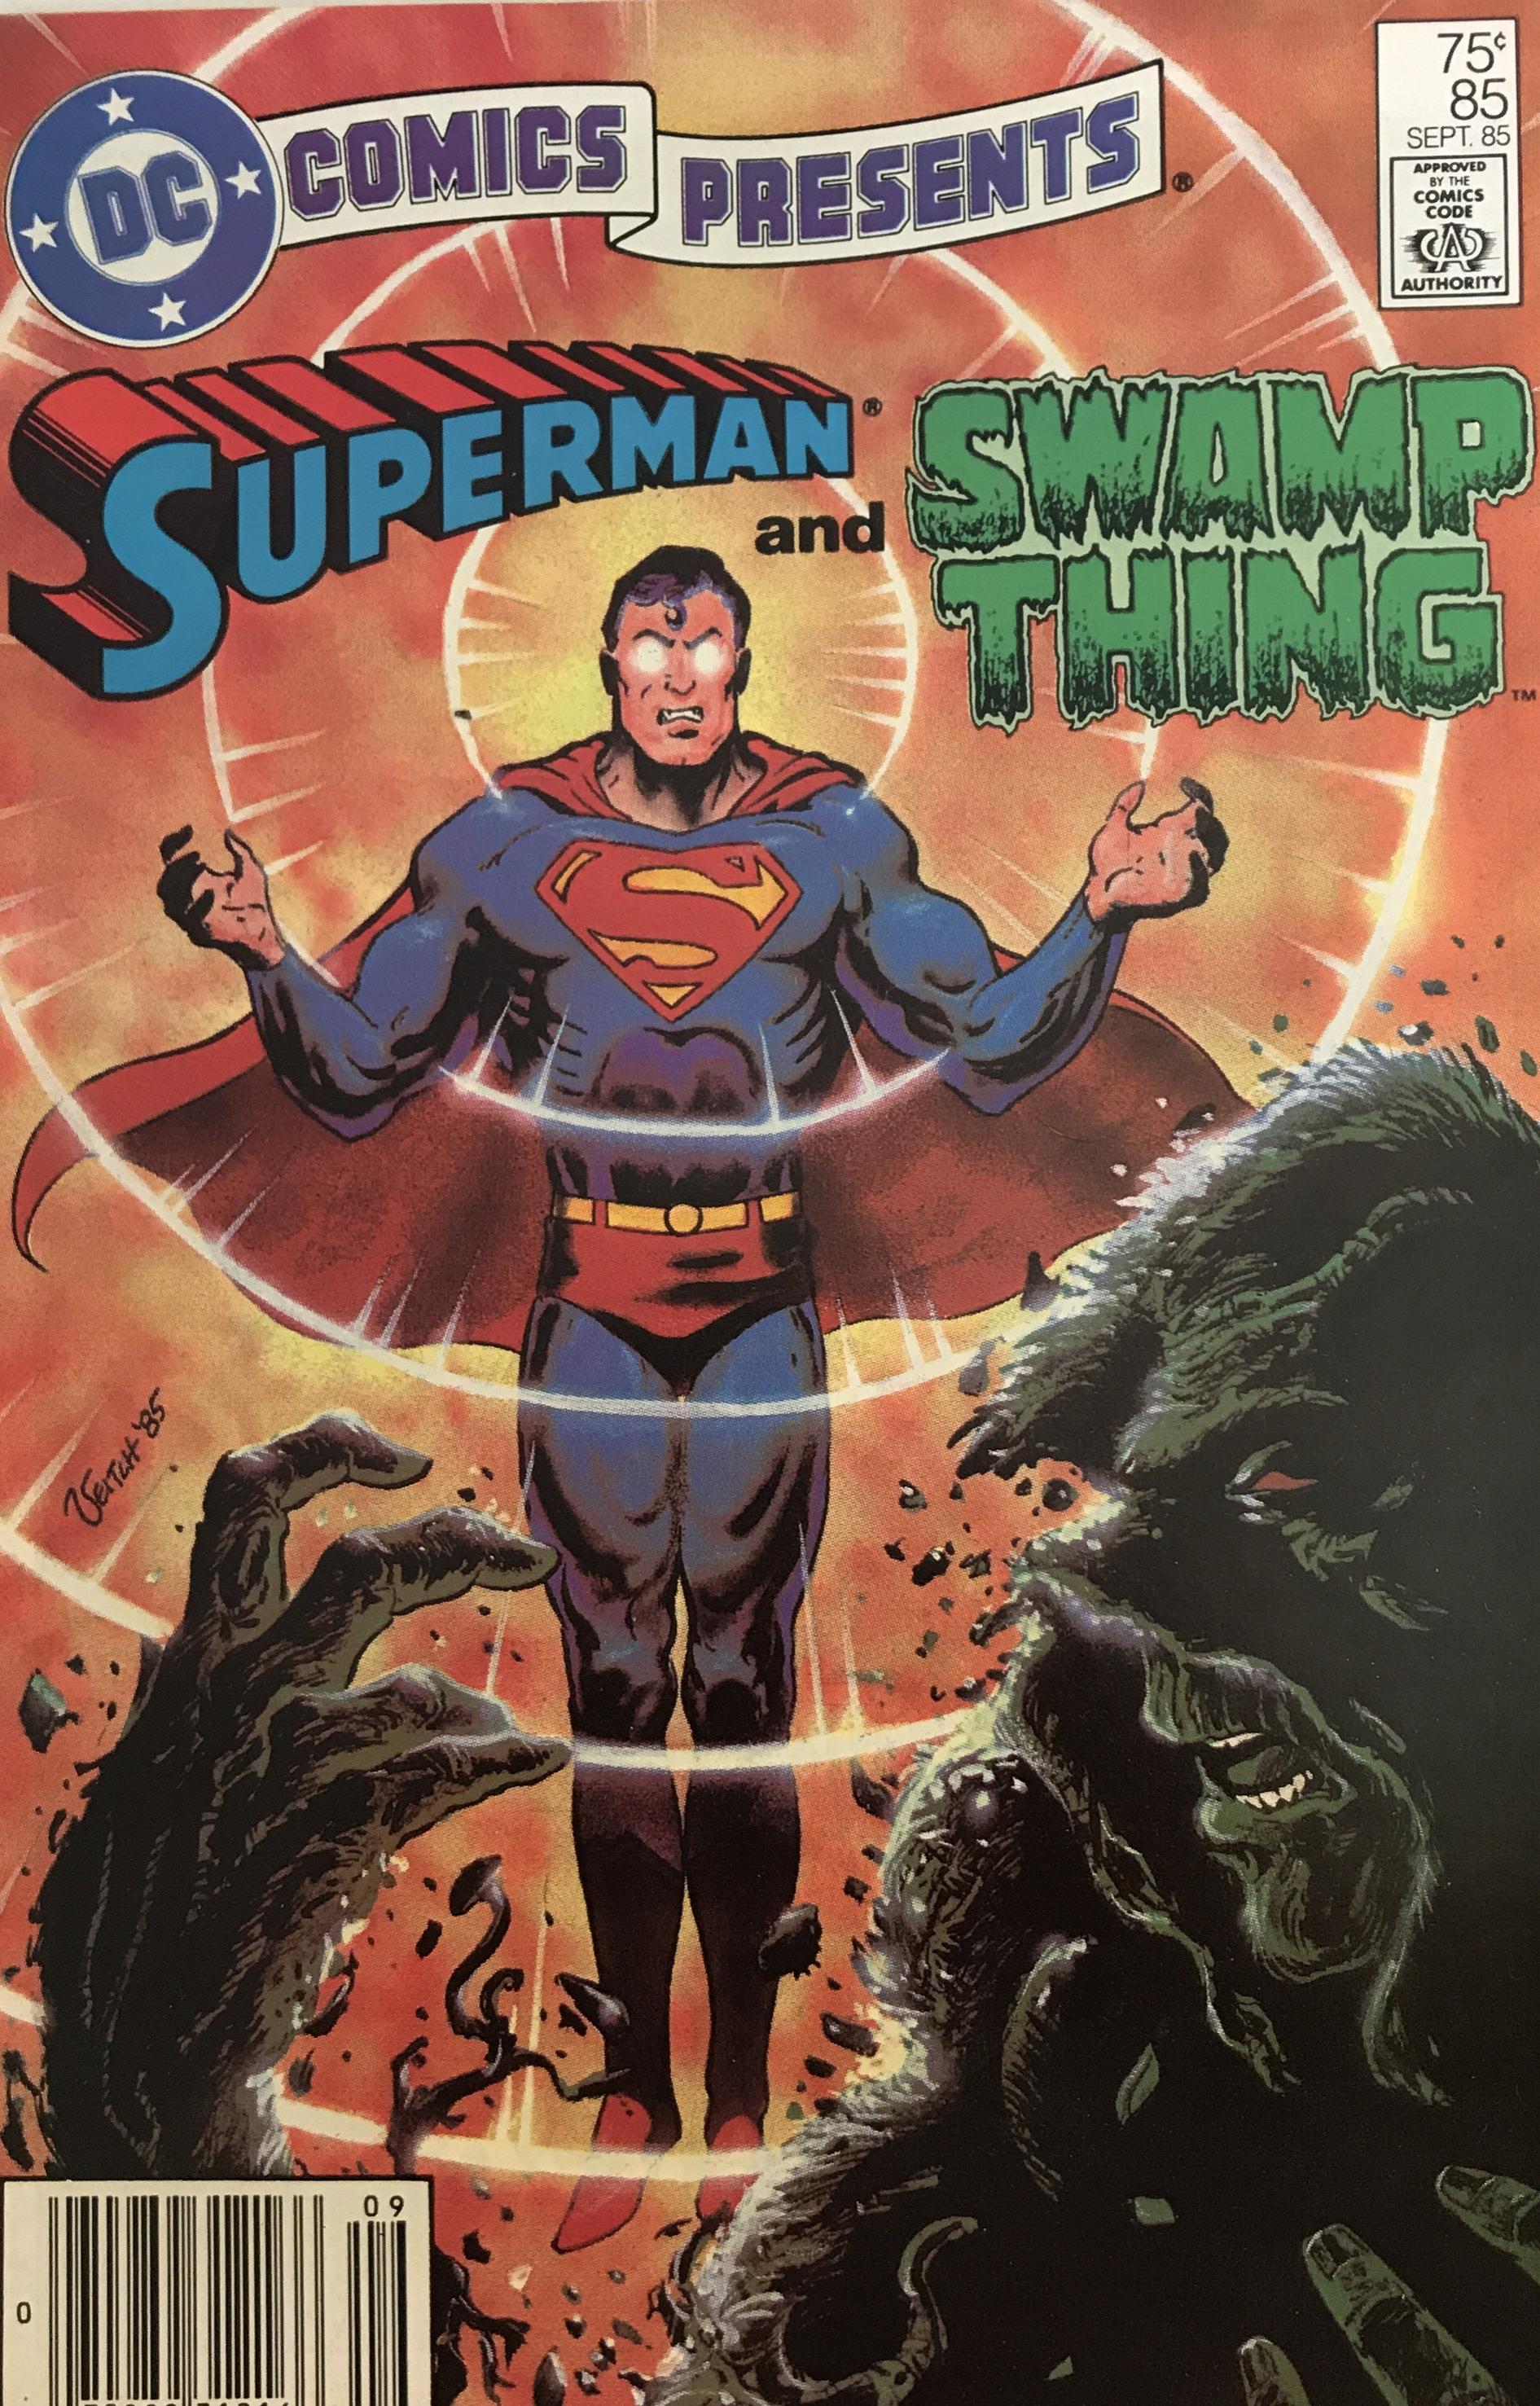 Superman comes to Lousiana